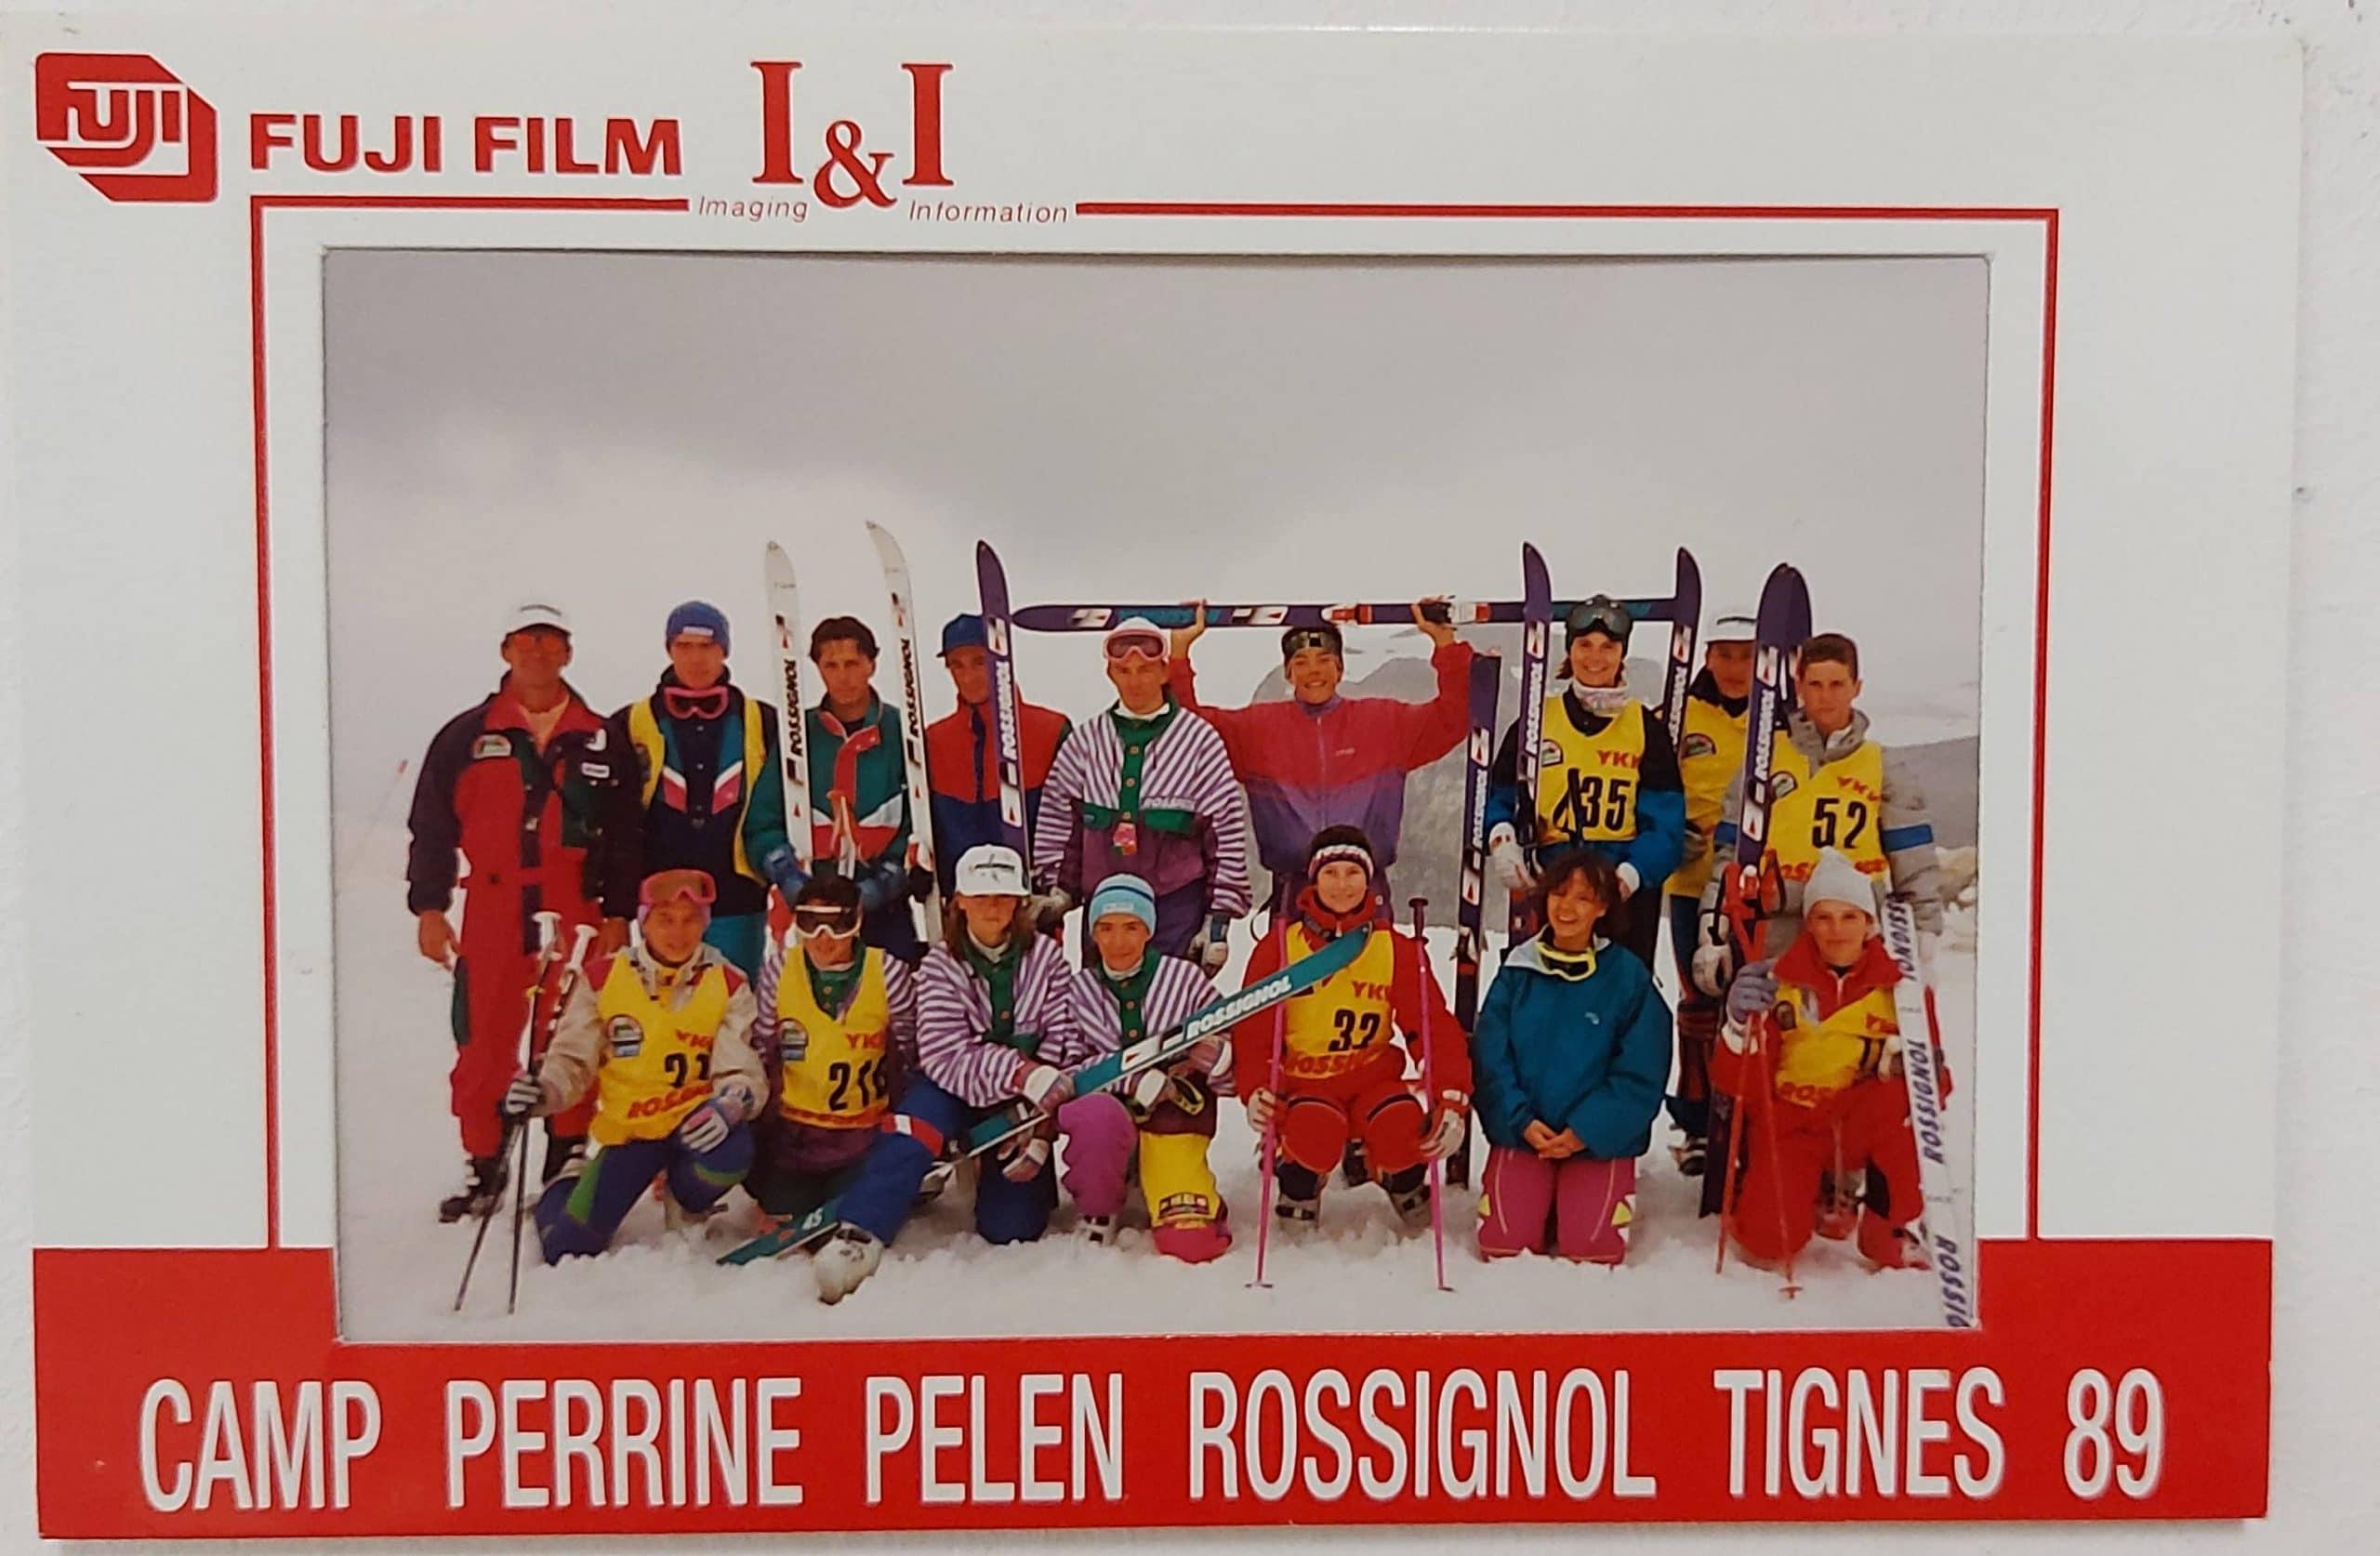 Camp Perrine Pelen Rossignol Tignes 89